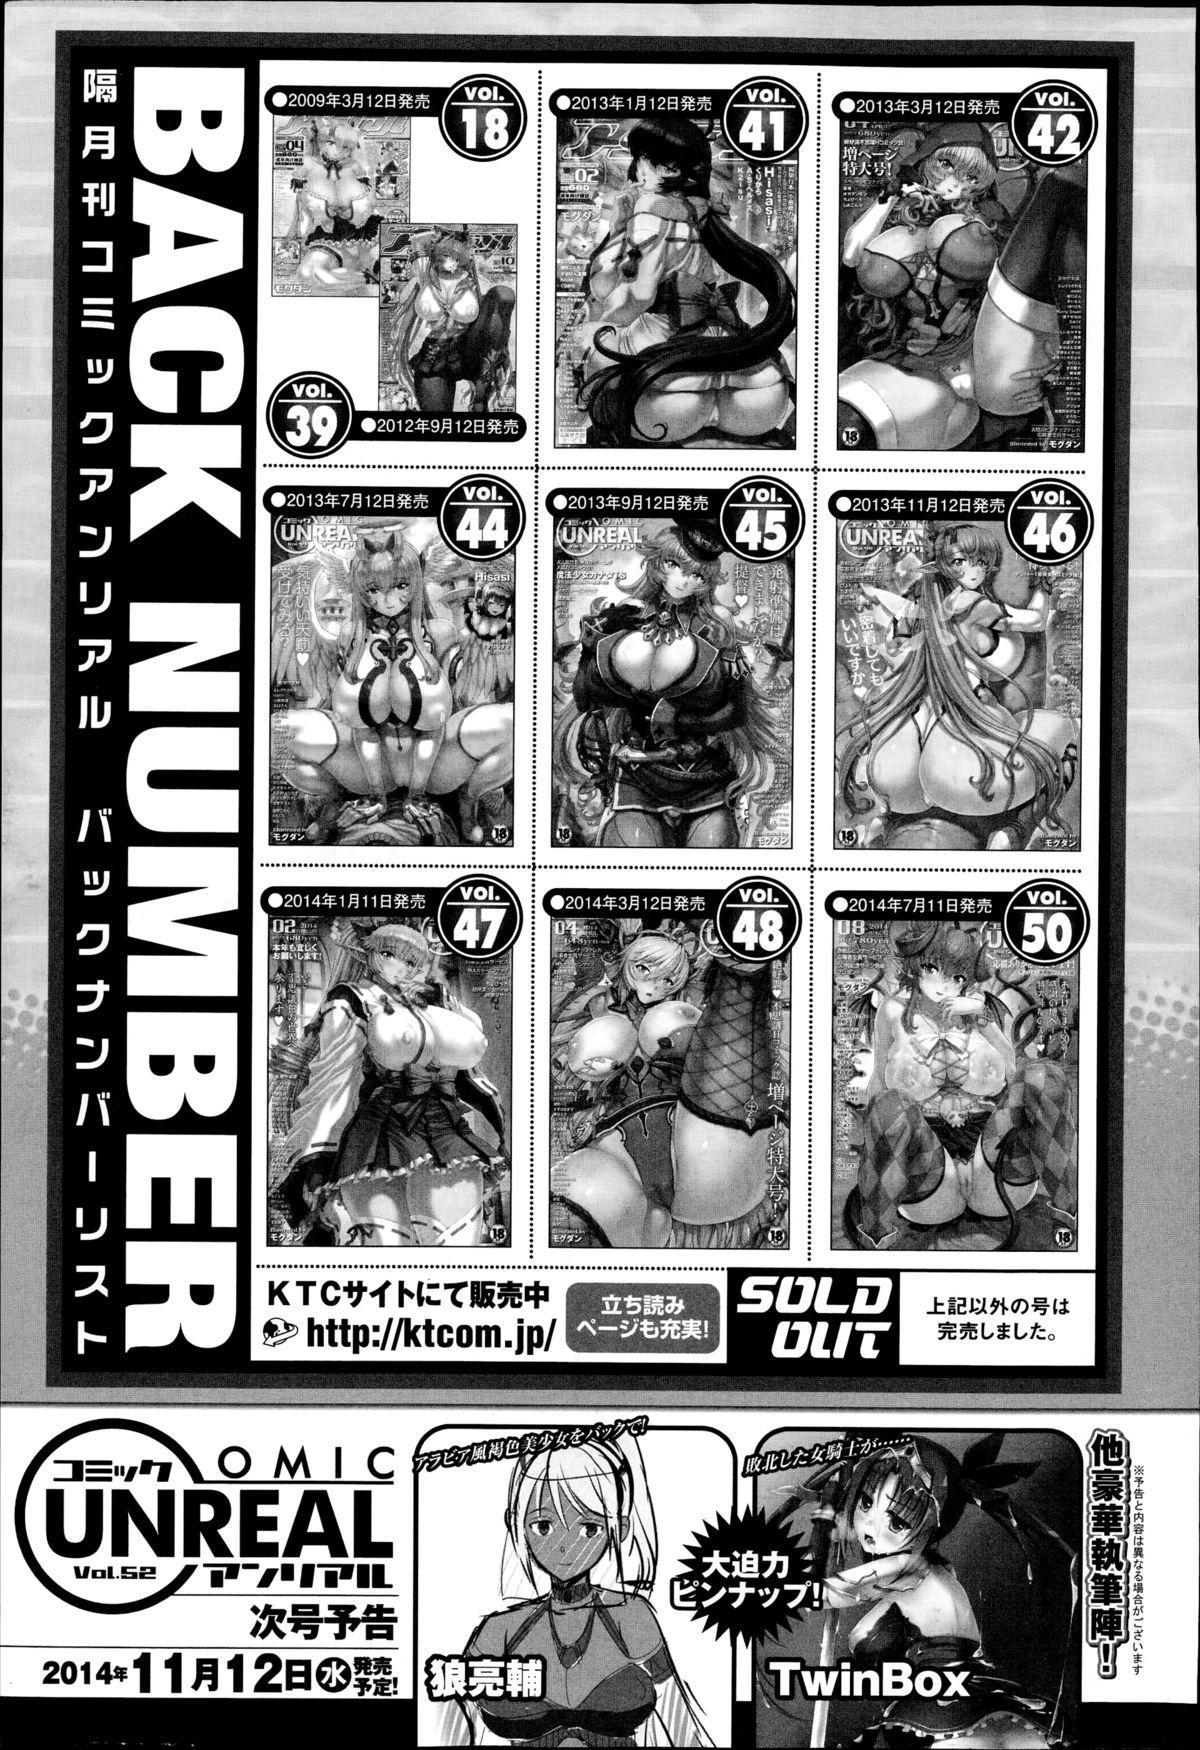 COMIC Unreal 2014-10 Vol.51 452